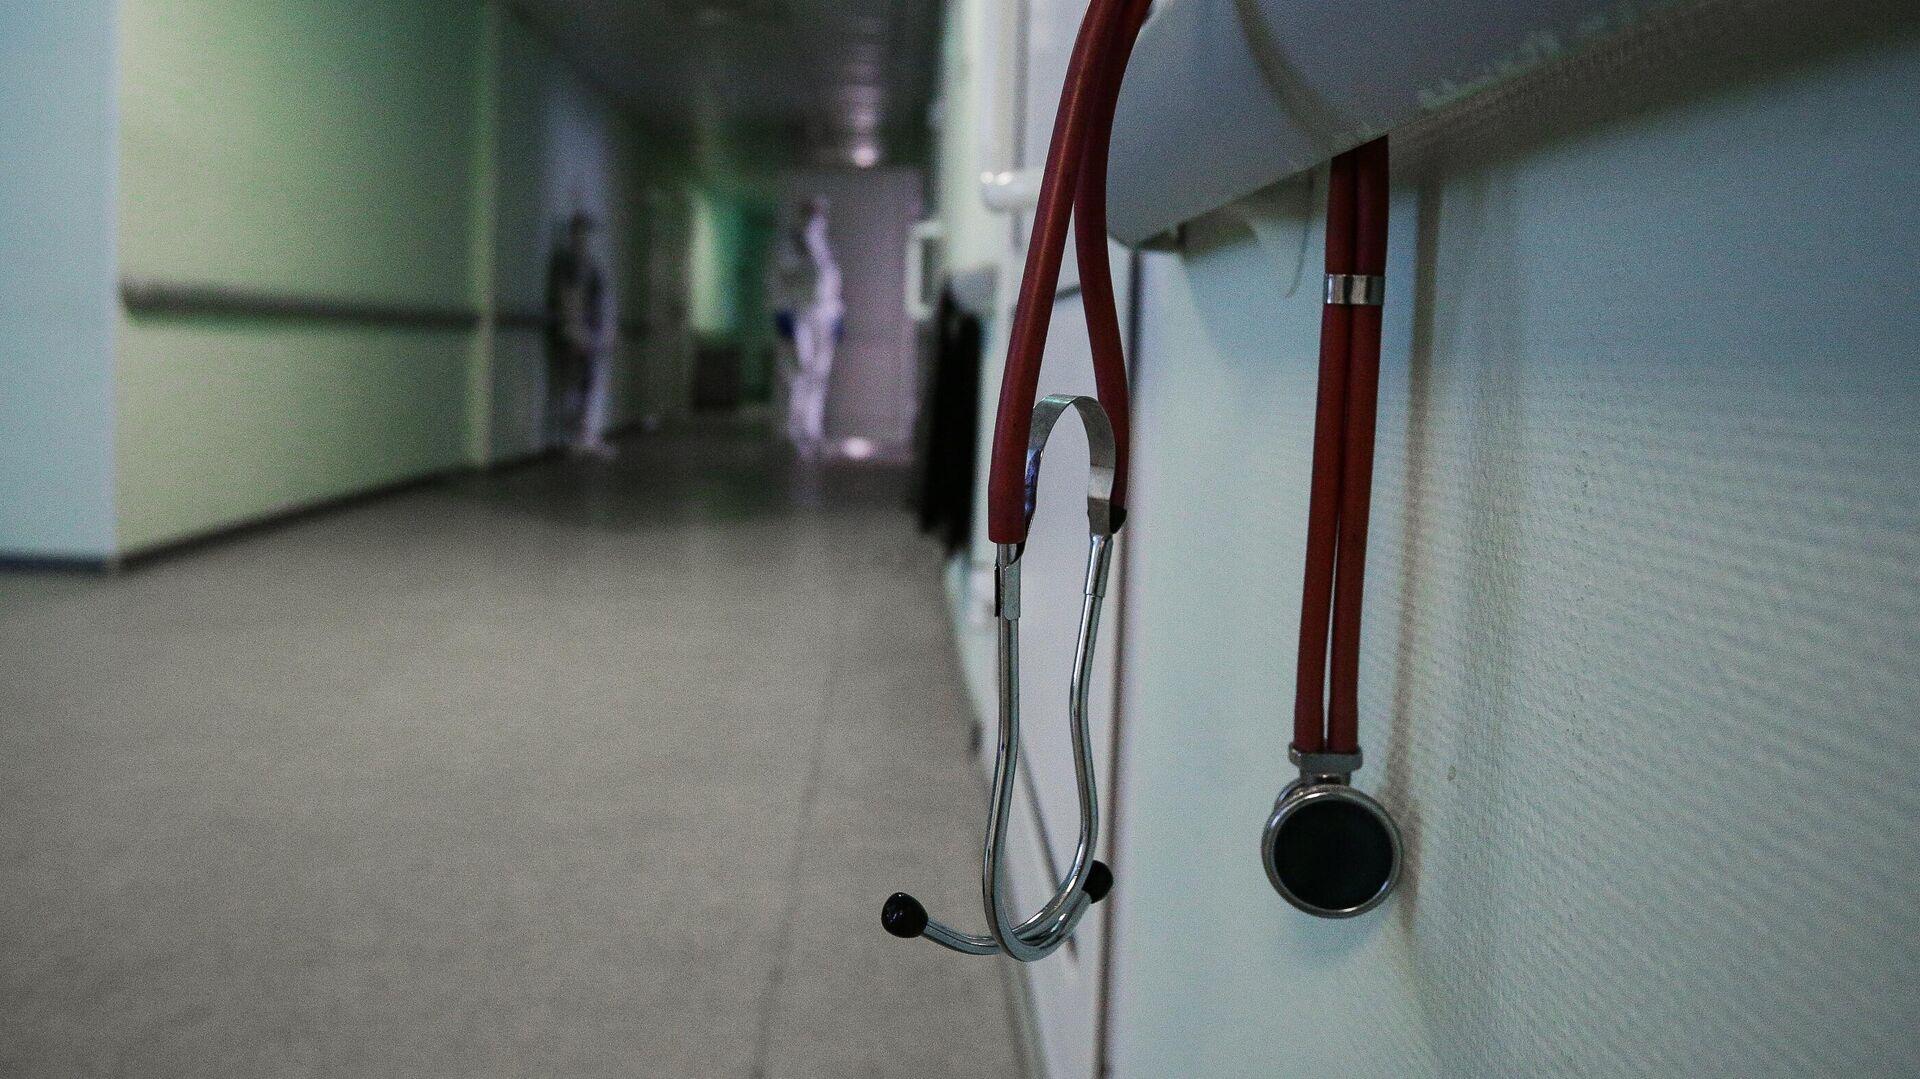 Стетоскоп в коридоре Новосибирской областной клинической больницы - РИА Новости, 1920, 20.01.2021